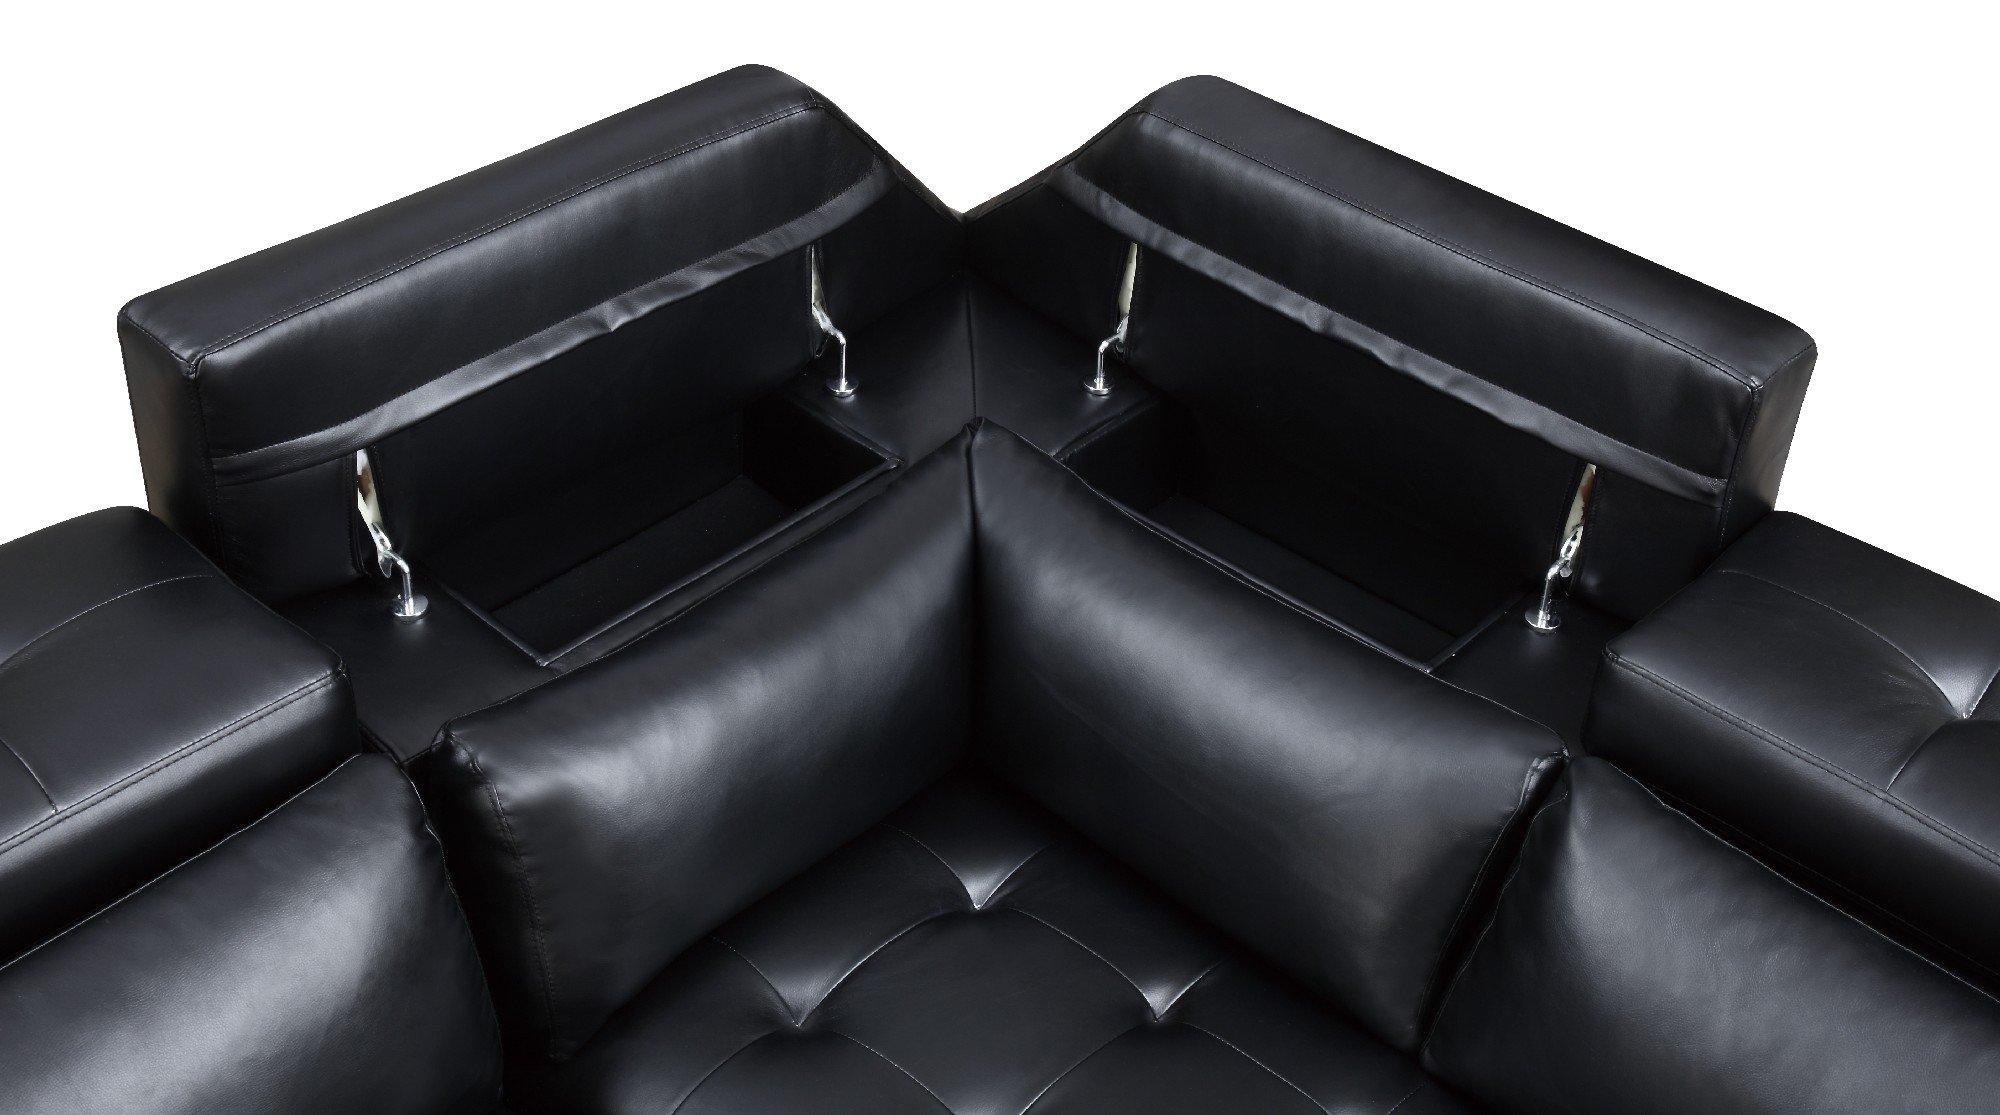 U8859 Black PU Sectional Sofa by Global Furniture